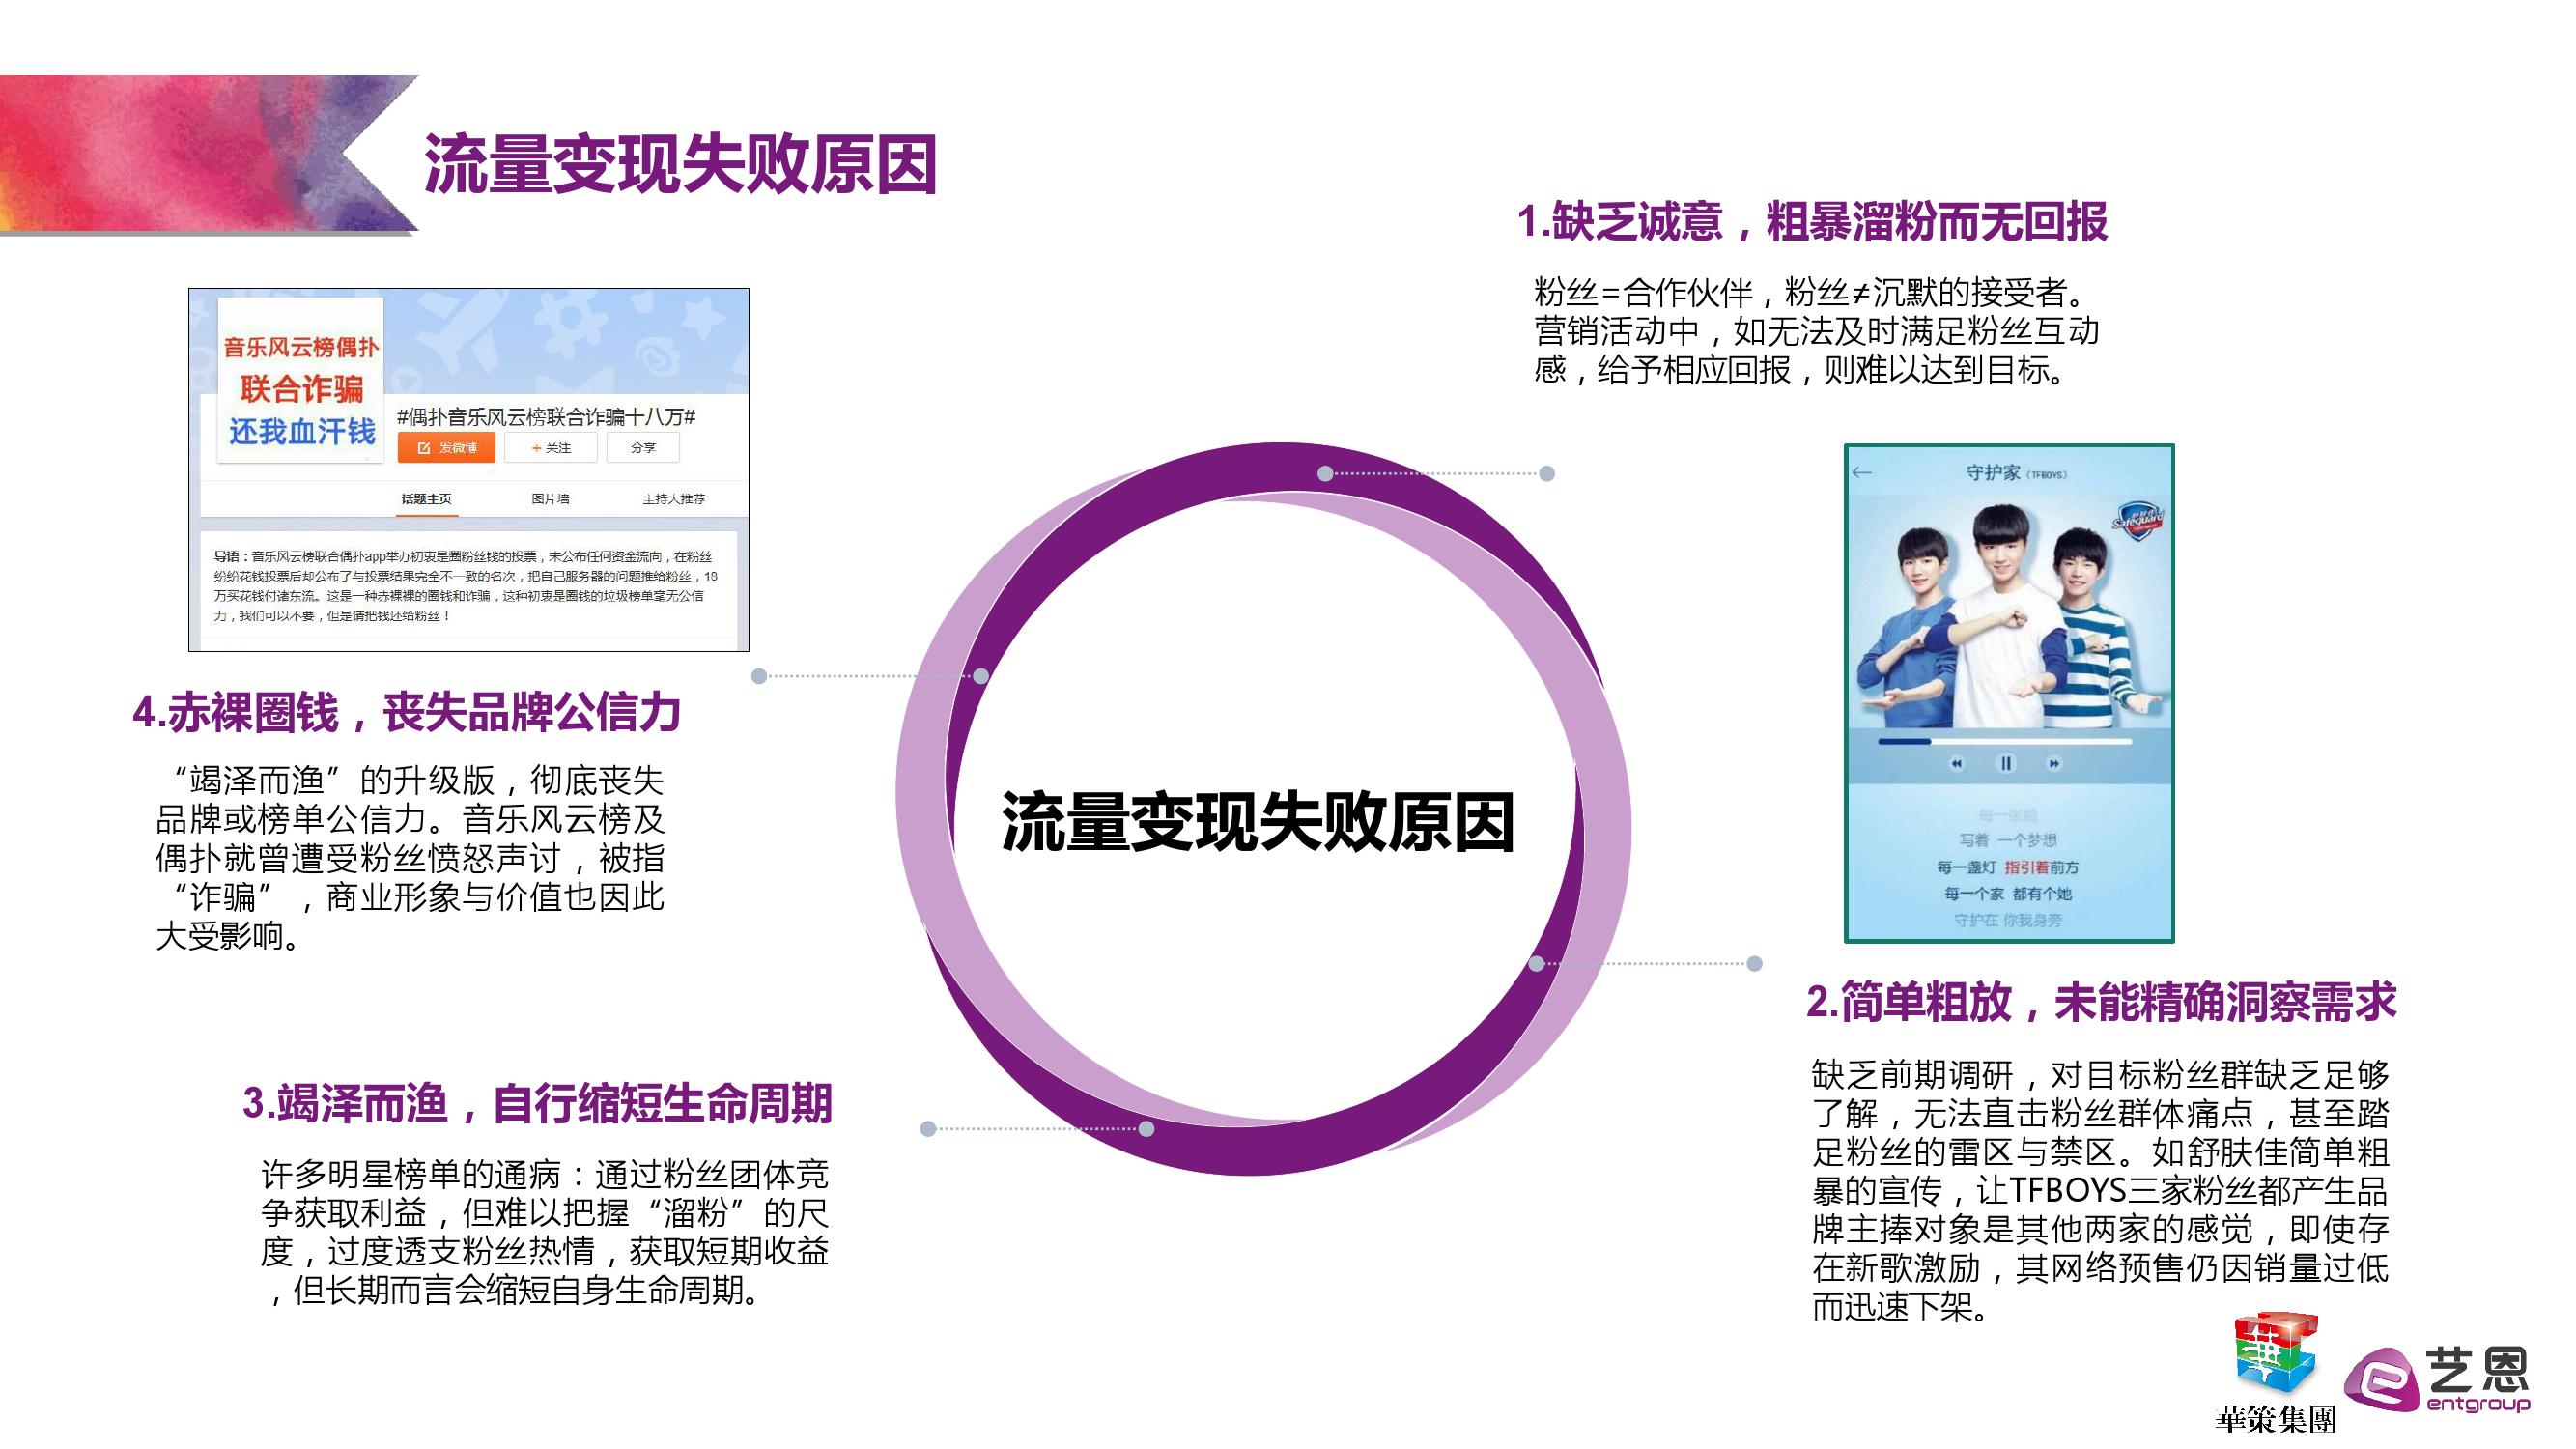 艺恩:粉丝经济研究报告_000024